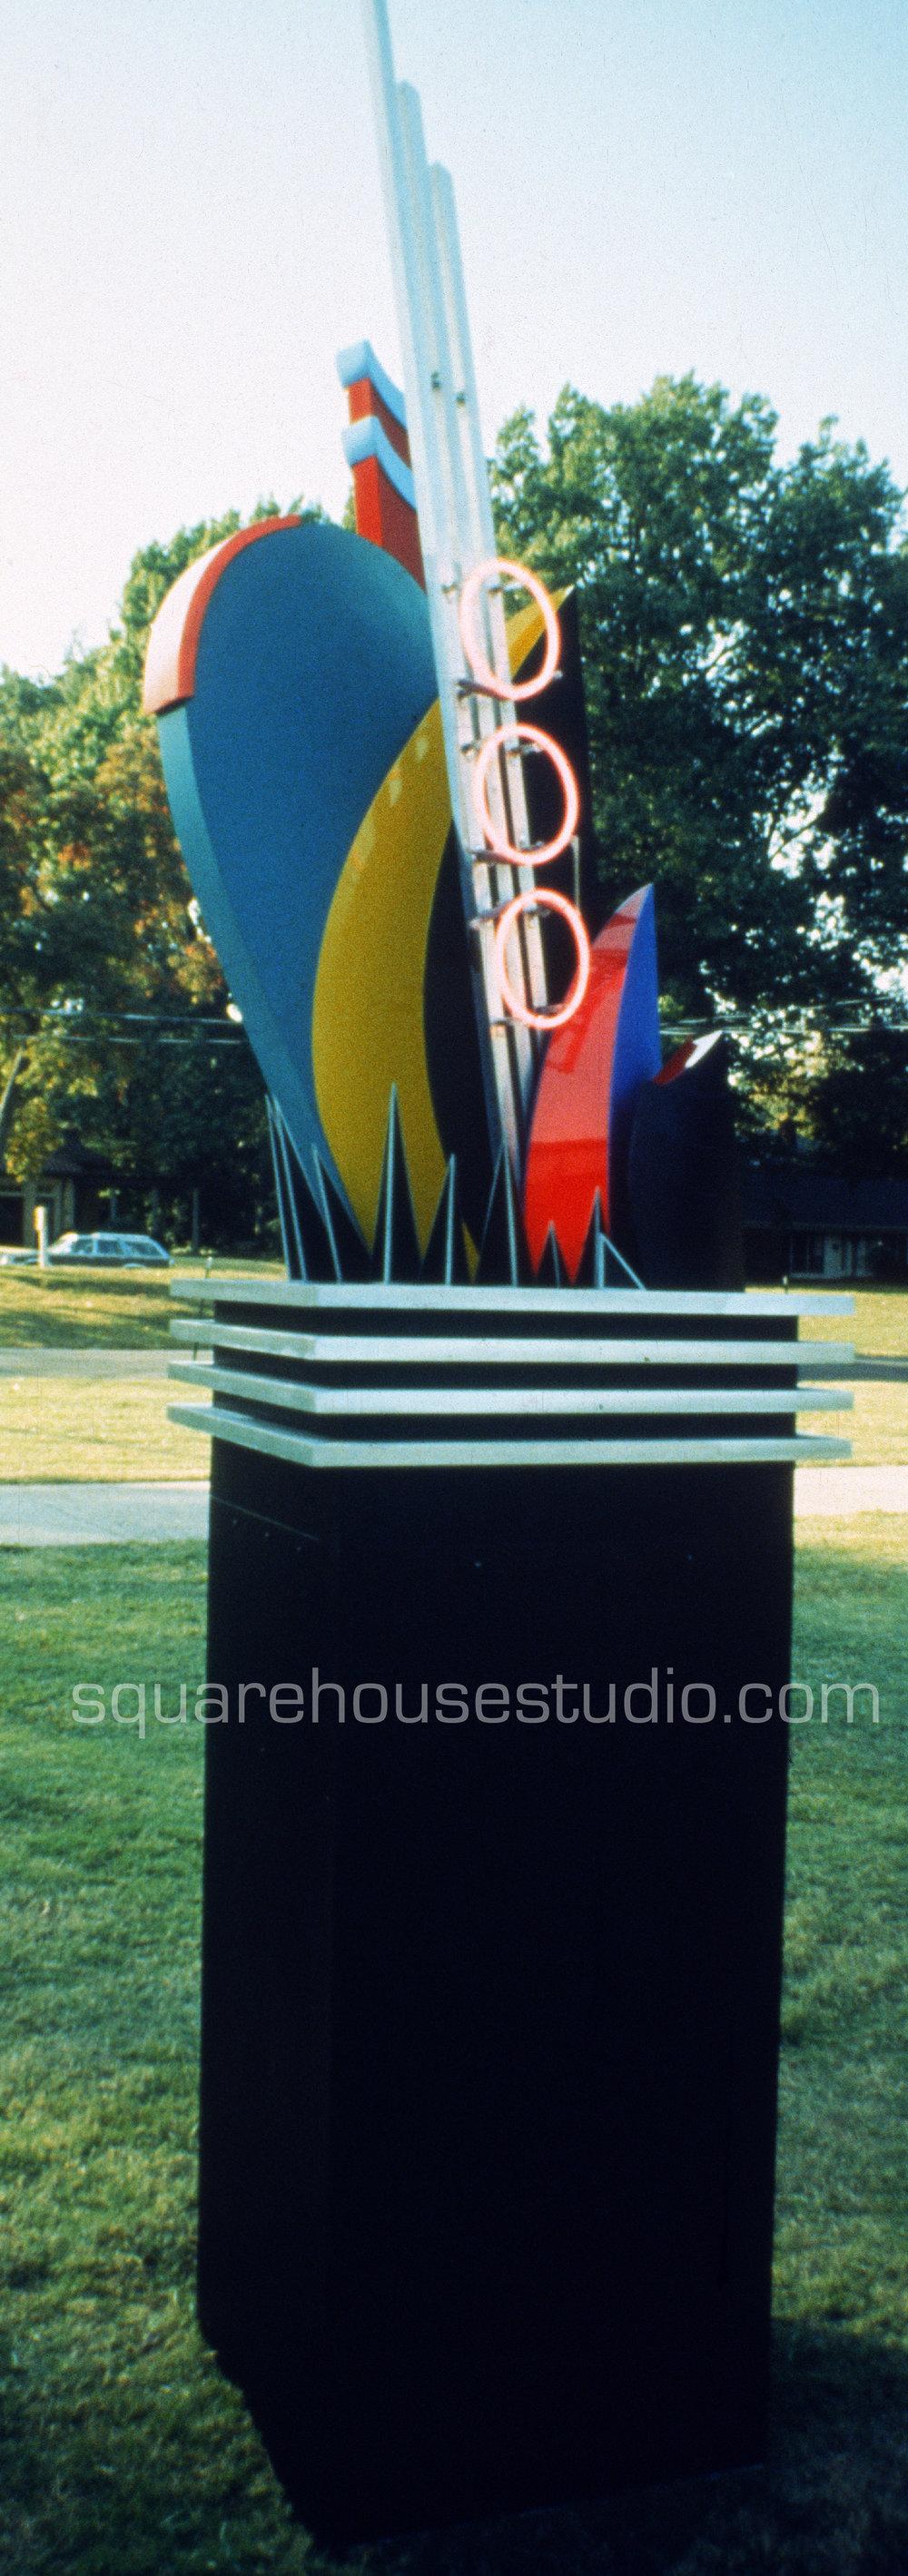 Memphis Music , 10' x 2' square aluminum, plexiglass and neon sculpture, $7000